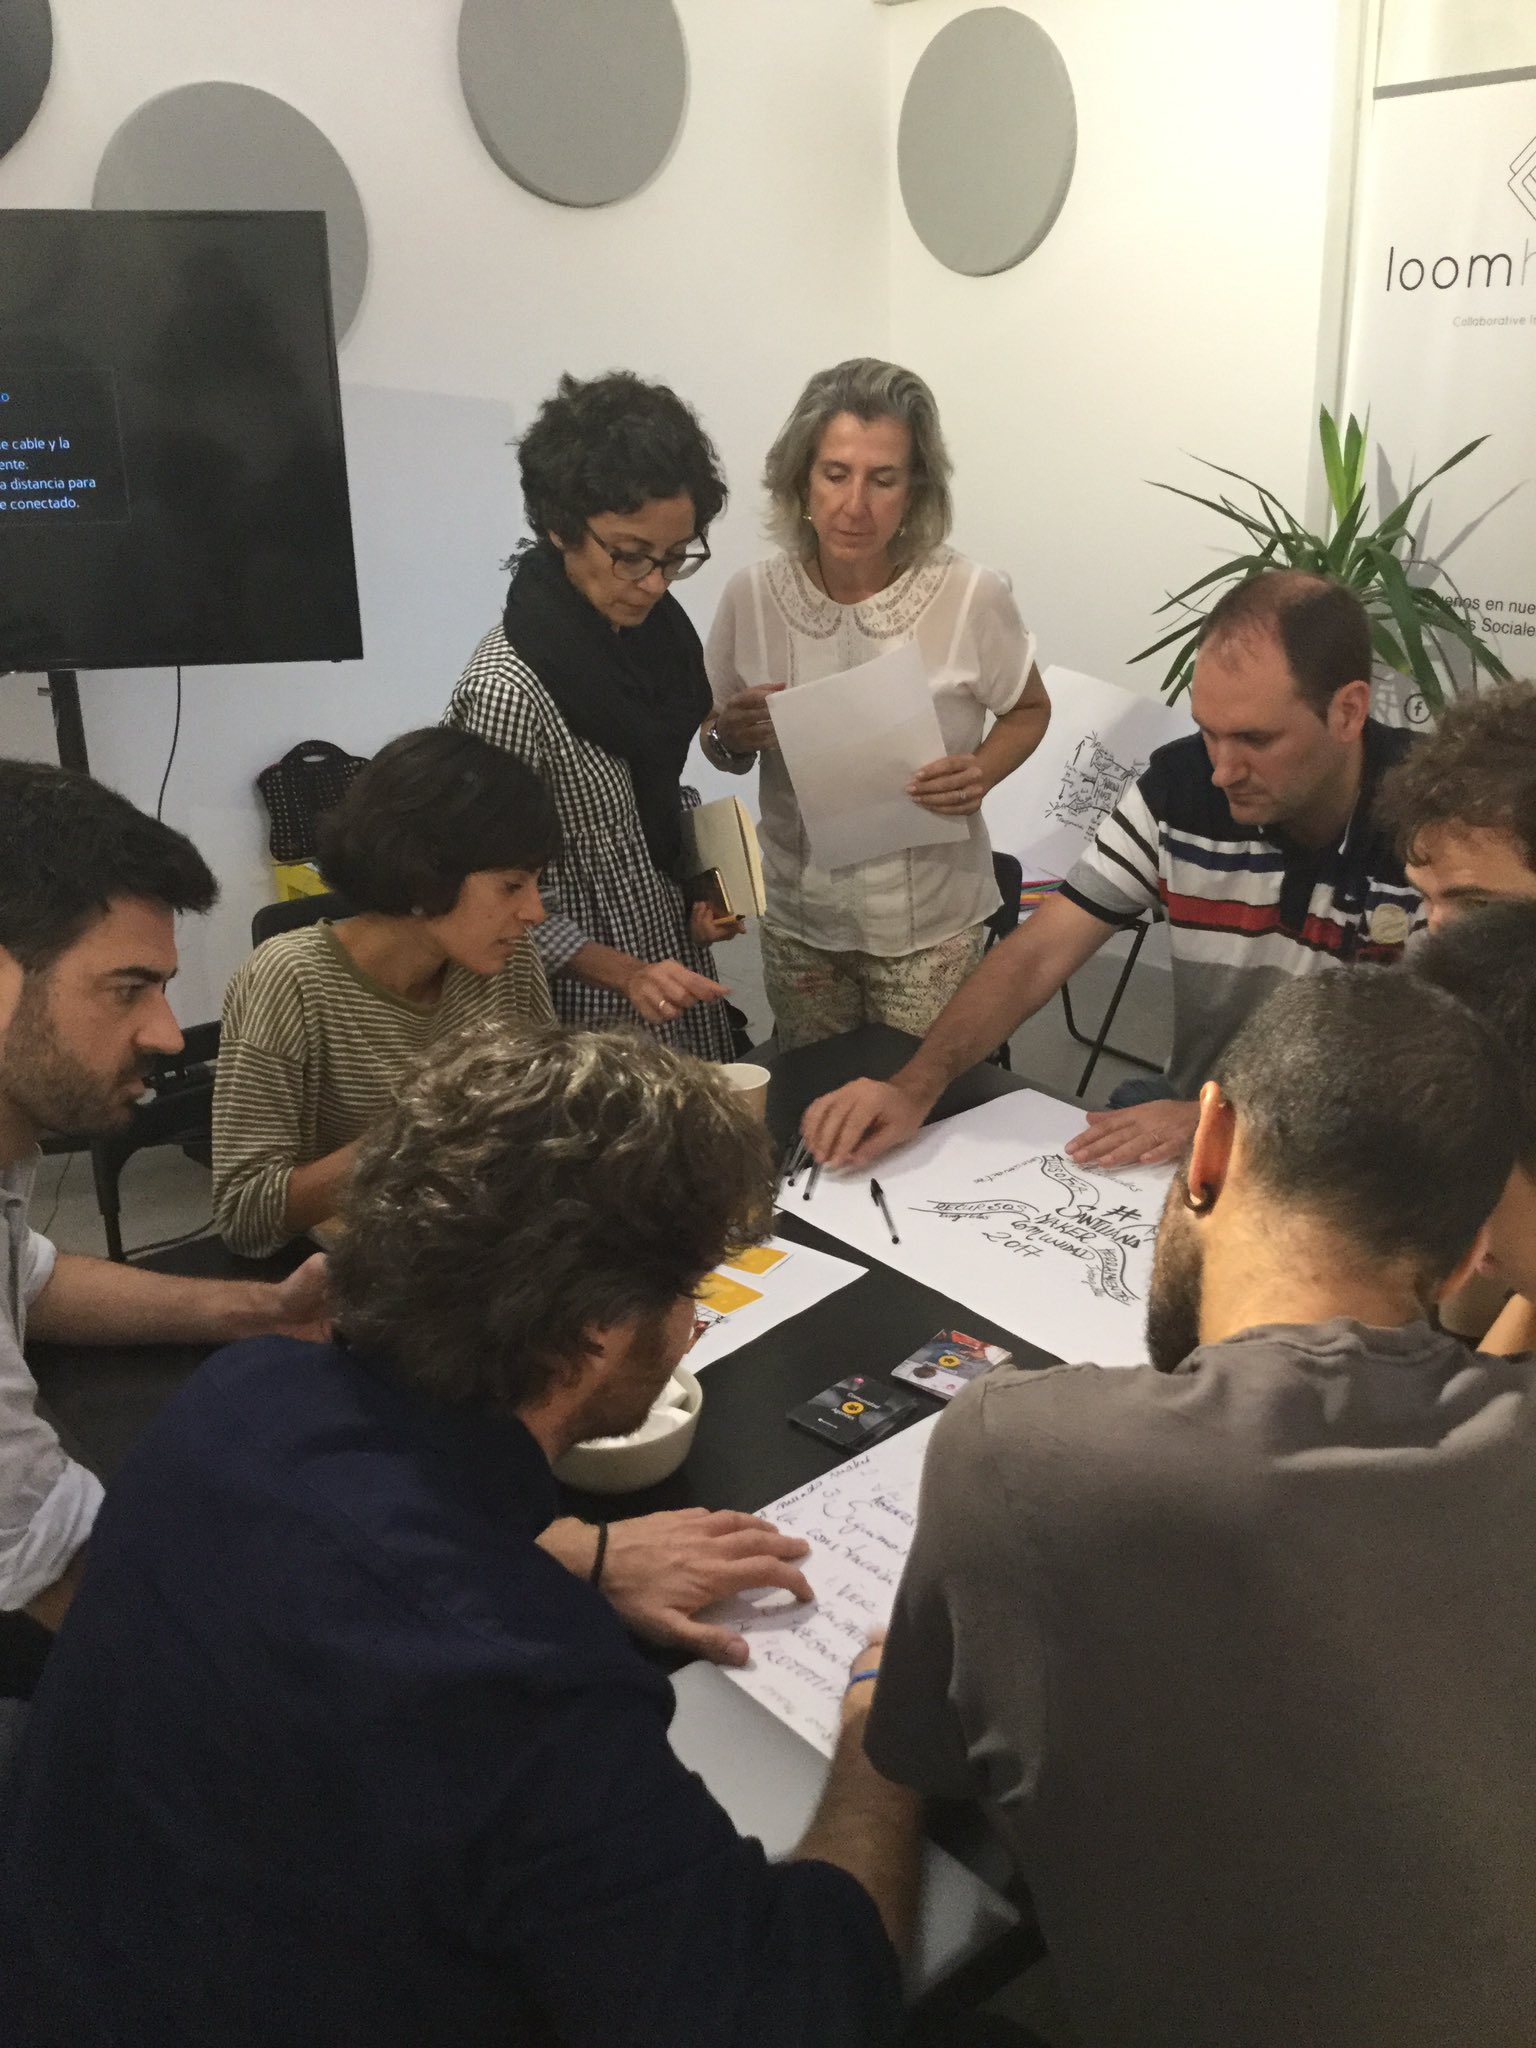 Prototipado #espaciosmaker Evaluación + Comunidad #santillanaLAB https://t.co/uwZ1ll58w3